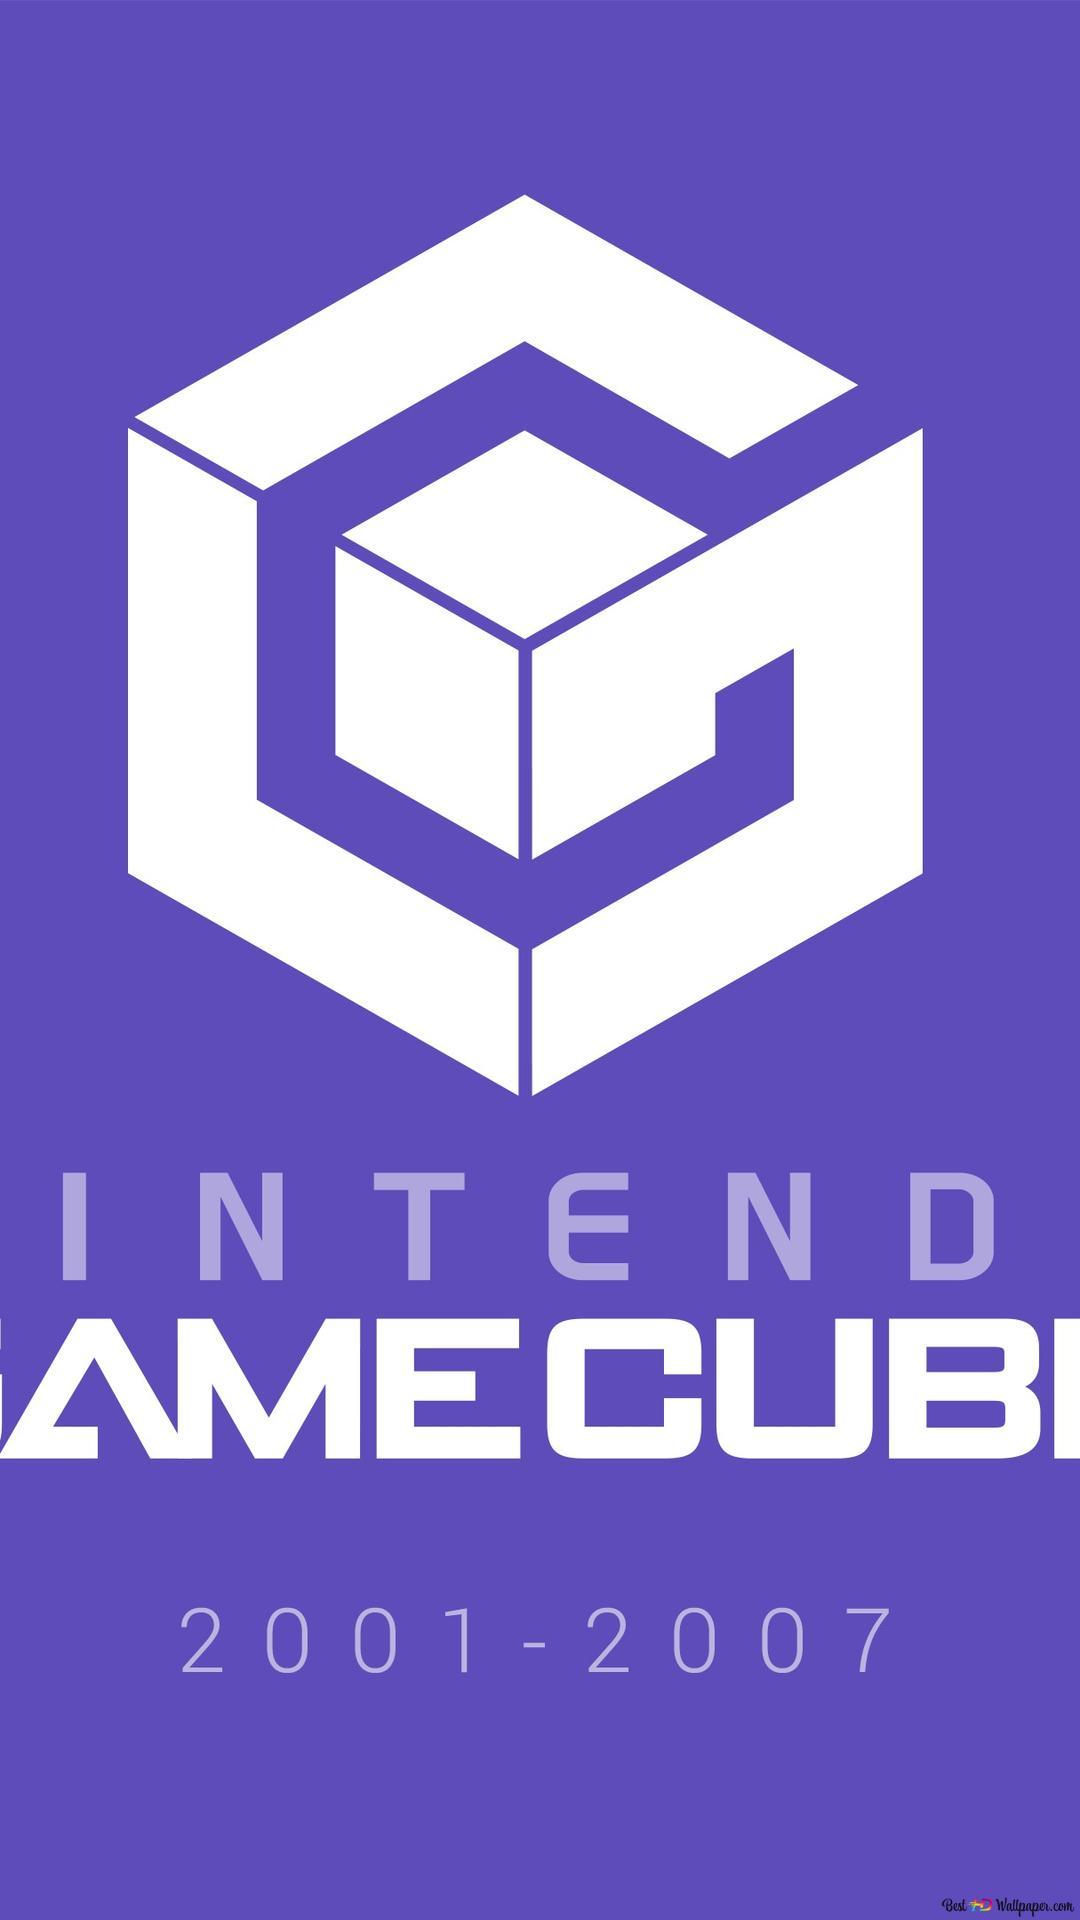 任天堂ゲームキューブ Hd壁紙のダウンロード